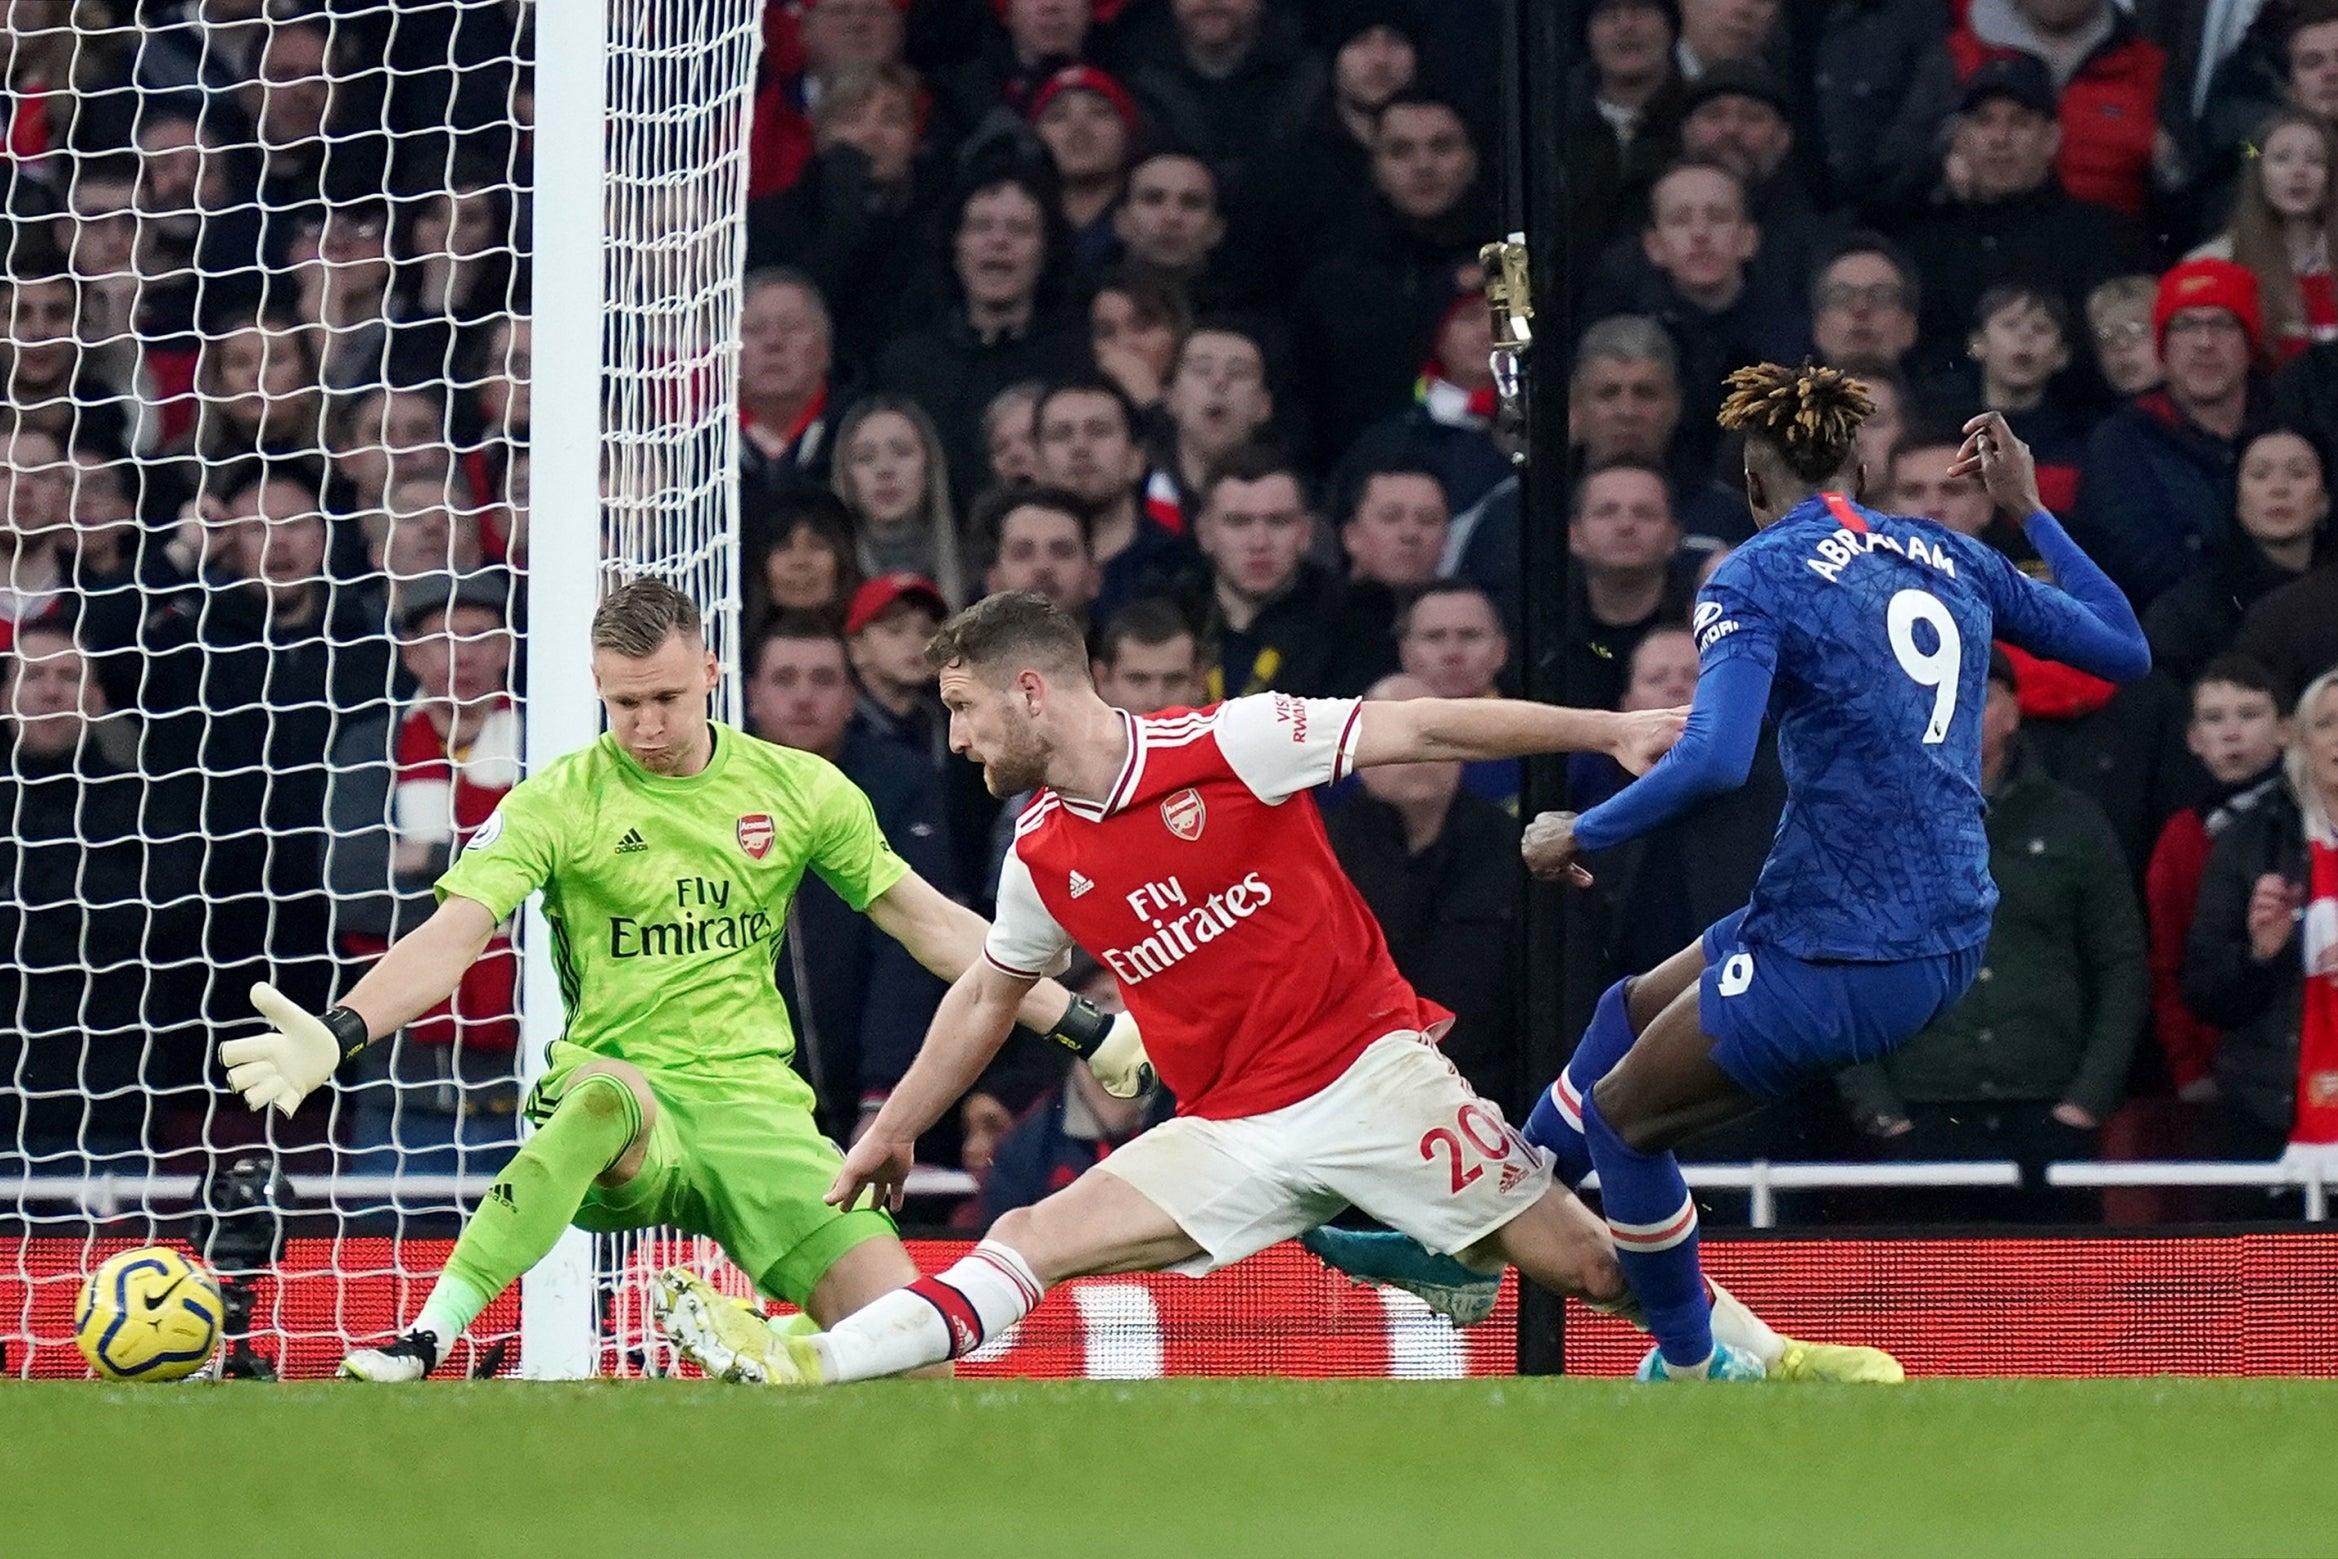 El Chelsea remonta para imponerse al Arsenal (1-2)